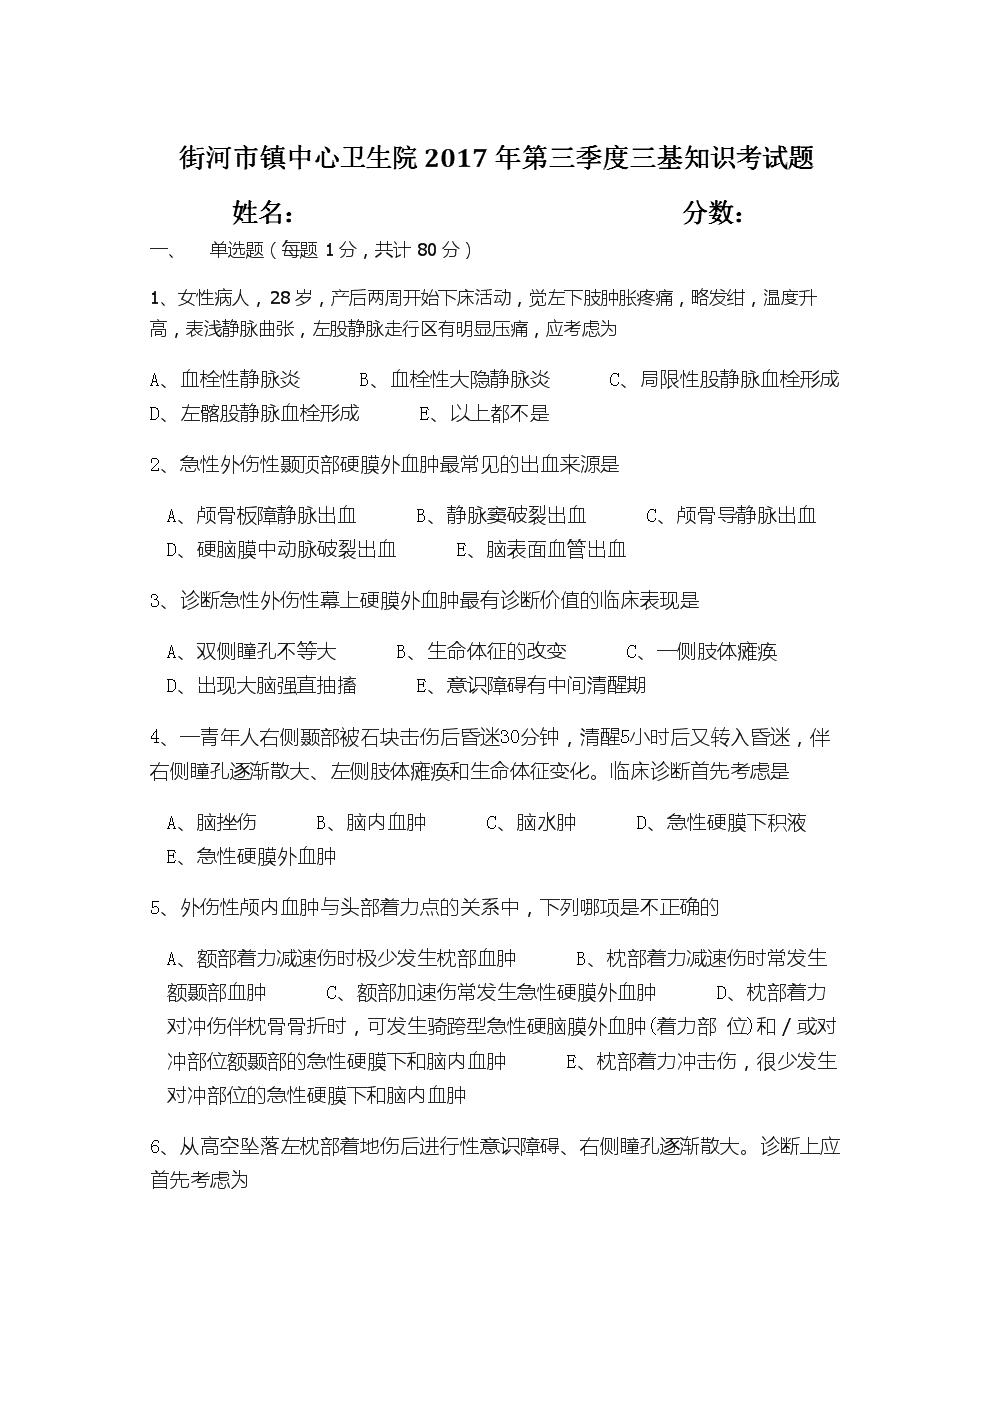 第三季度三基考试题.docx